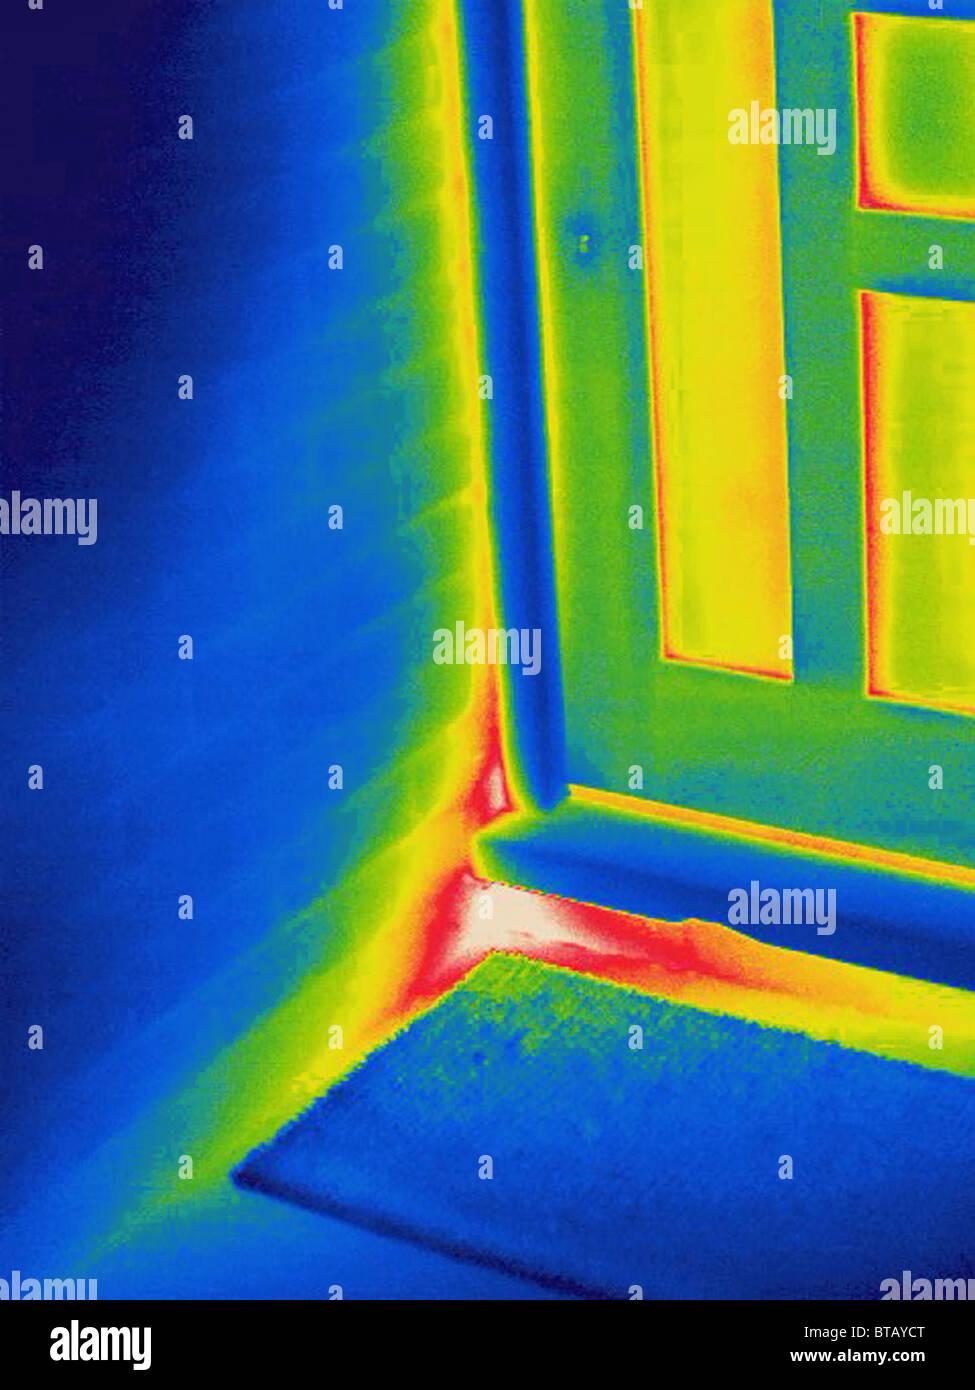 Immagine termica delle perdite di calore attraverso la parete sotto la porta Immagini Stock